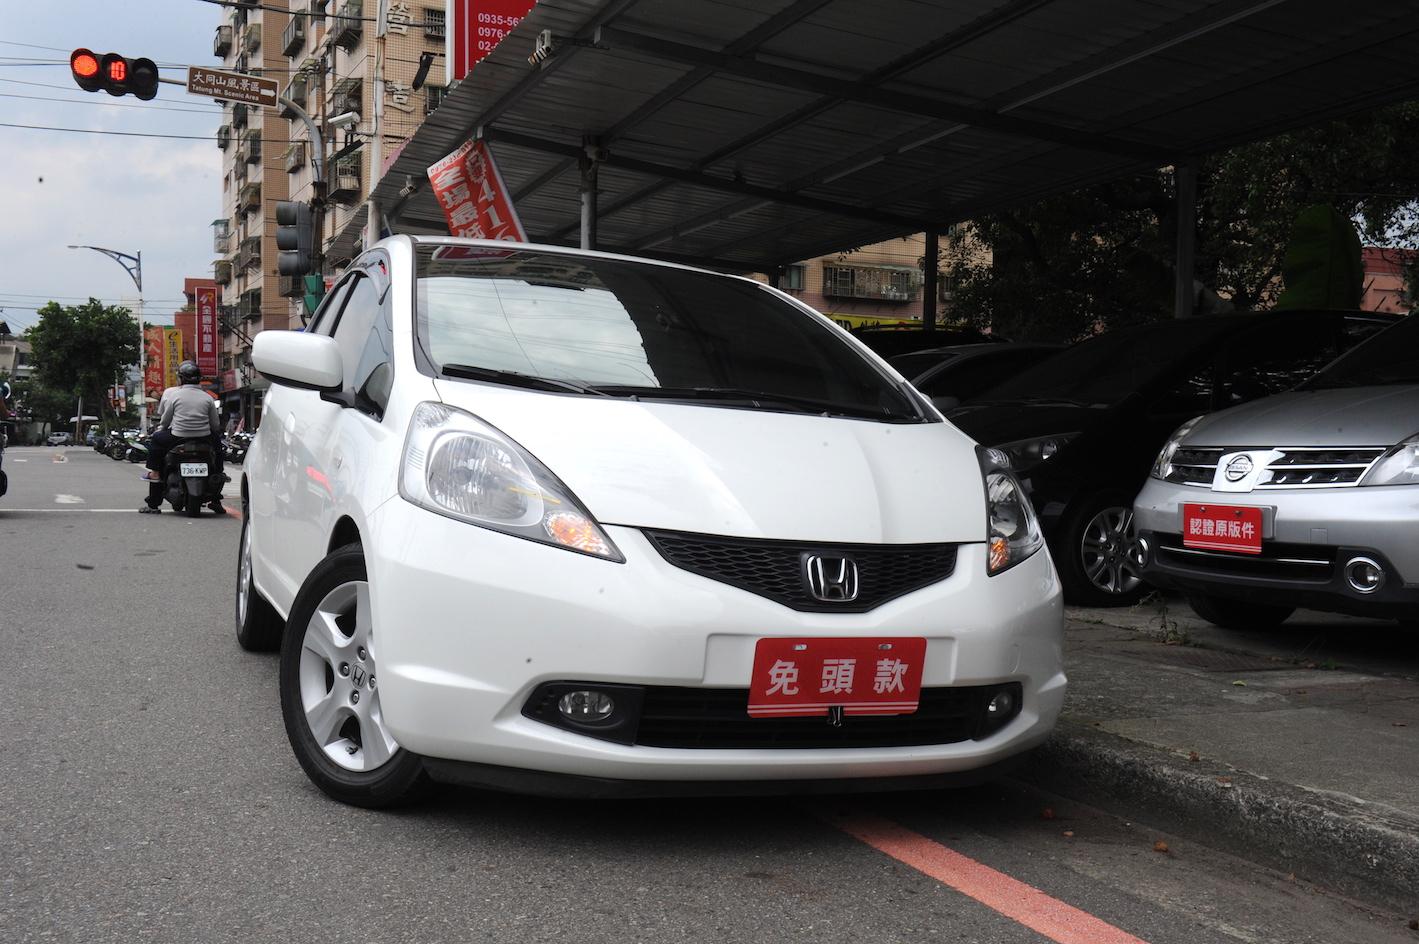 2010 Honda 本田 Fit